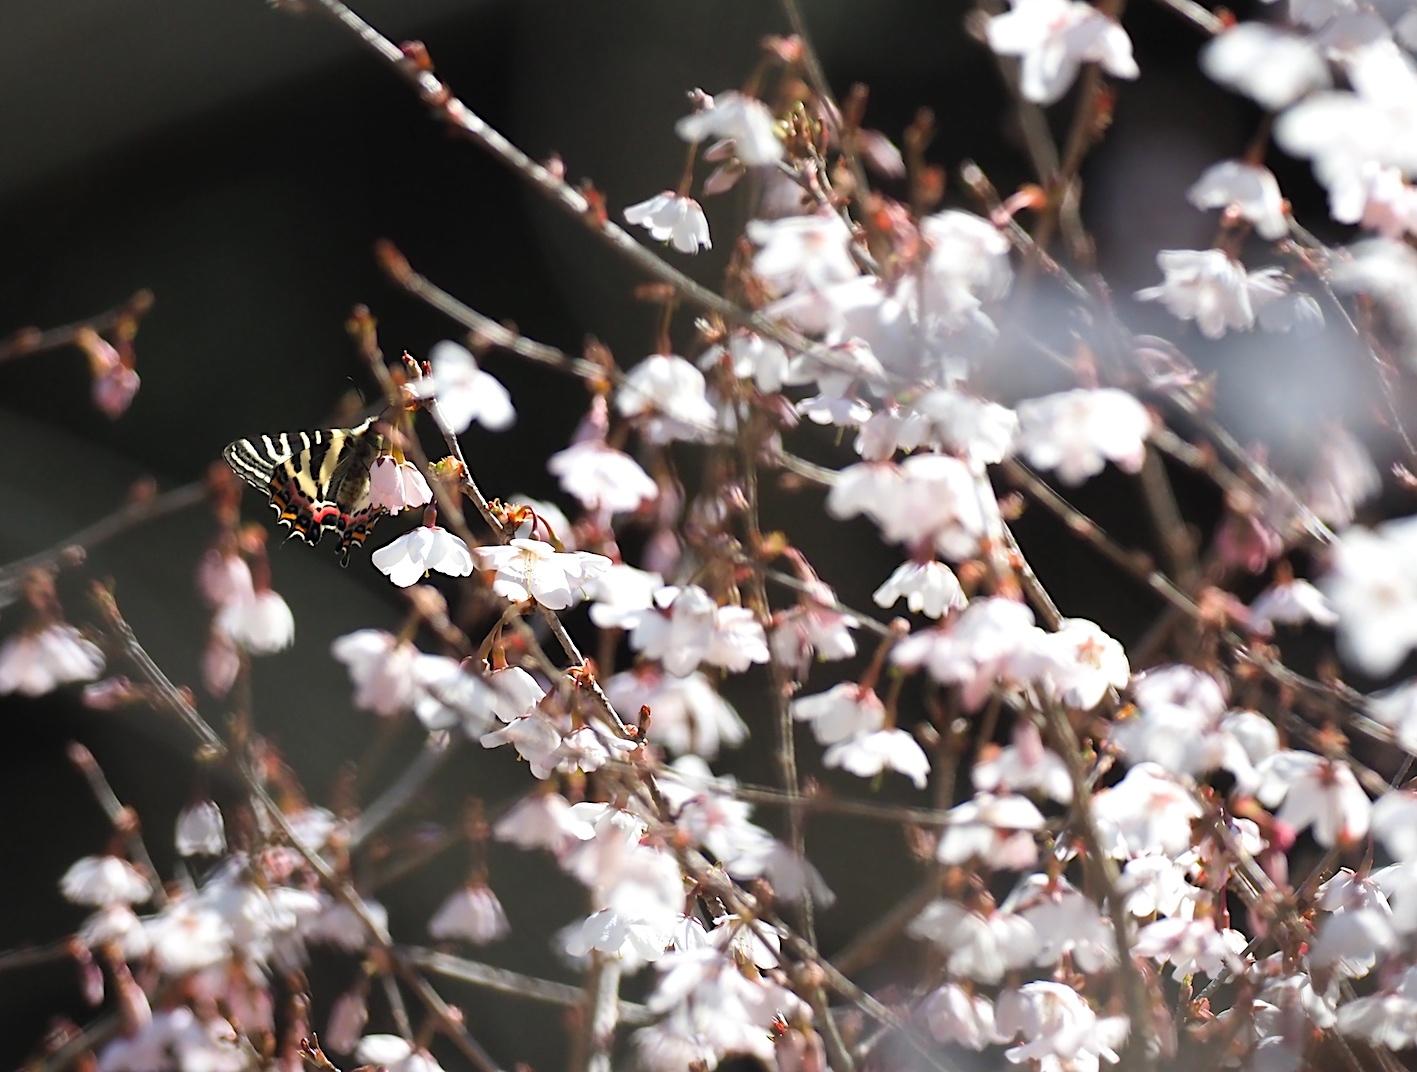 春の女神ギフチョウ、午後の部・マメザクラ&チョウジザクラ(2020年4月1日)_d0303129_20524614.jpg